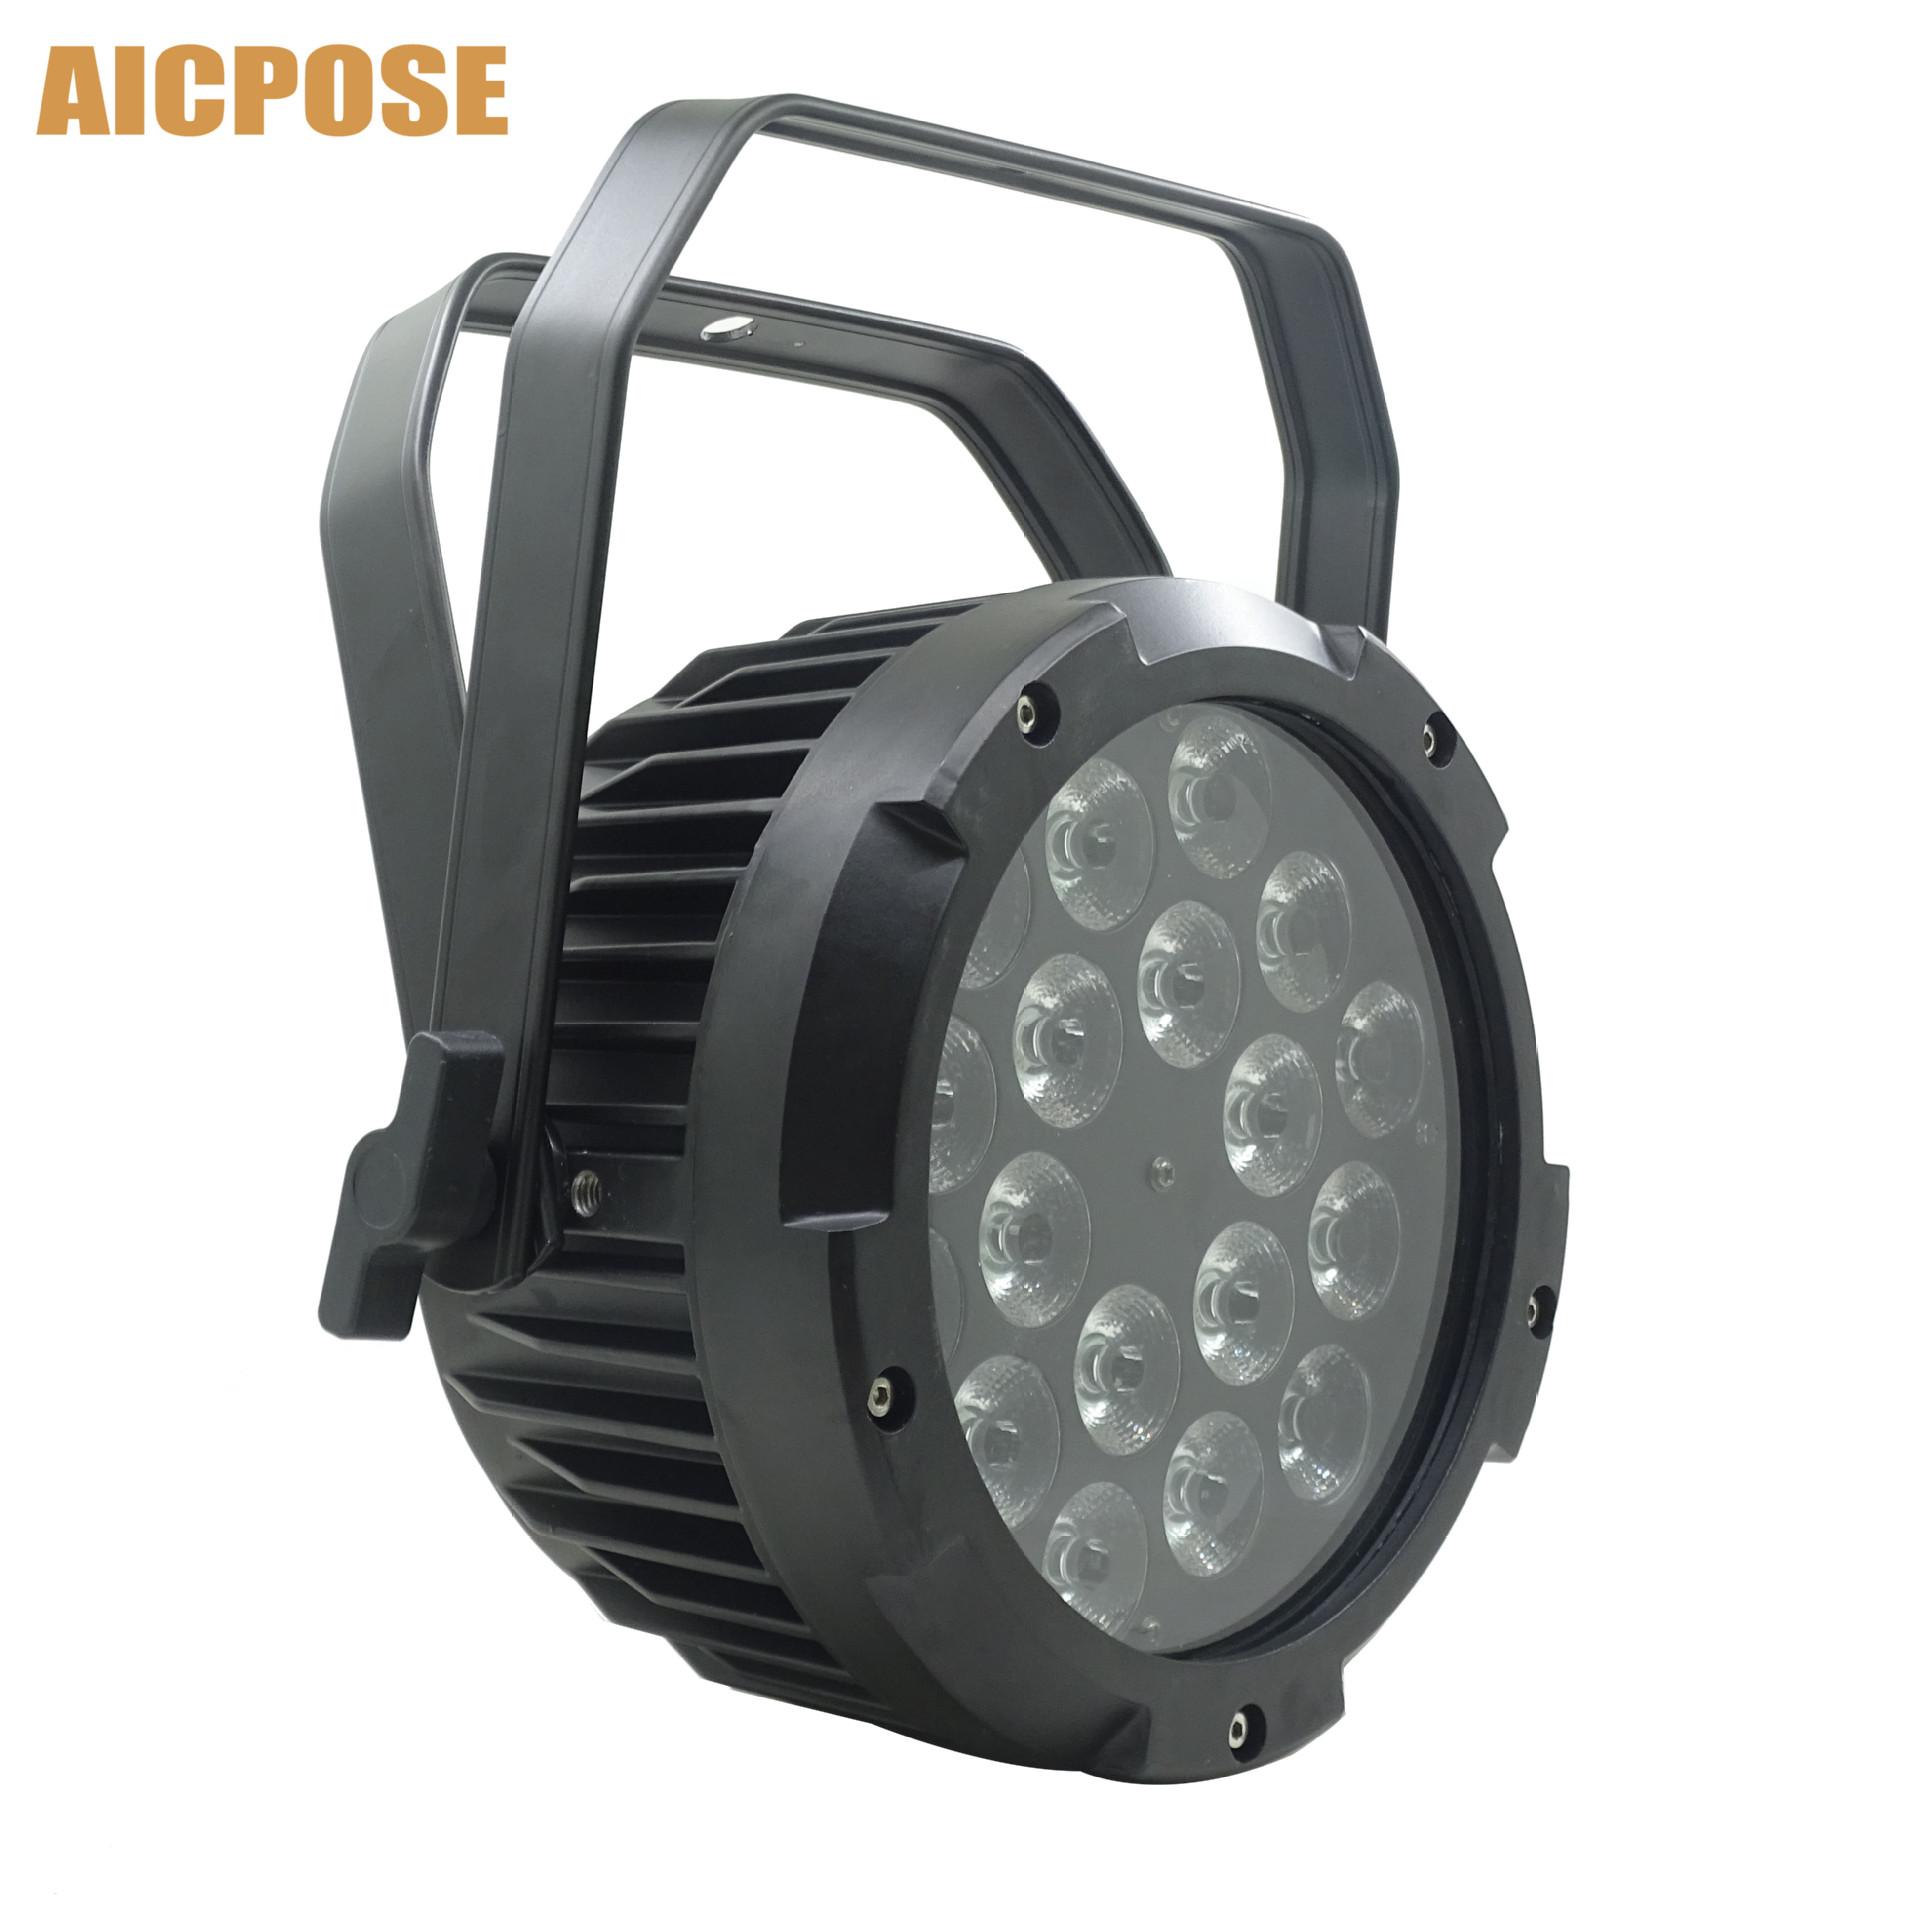 Đèn sân khấu Không thấm nước theo tiêu chuẩn IP65 18 chiếc 4 trong 1/5 in 1/6 trong 1 đèn LED điều k